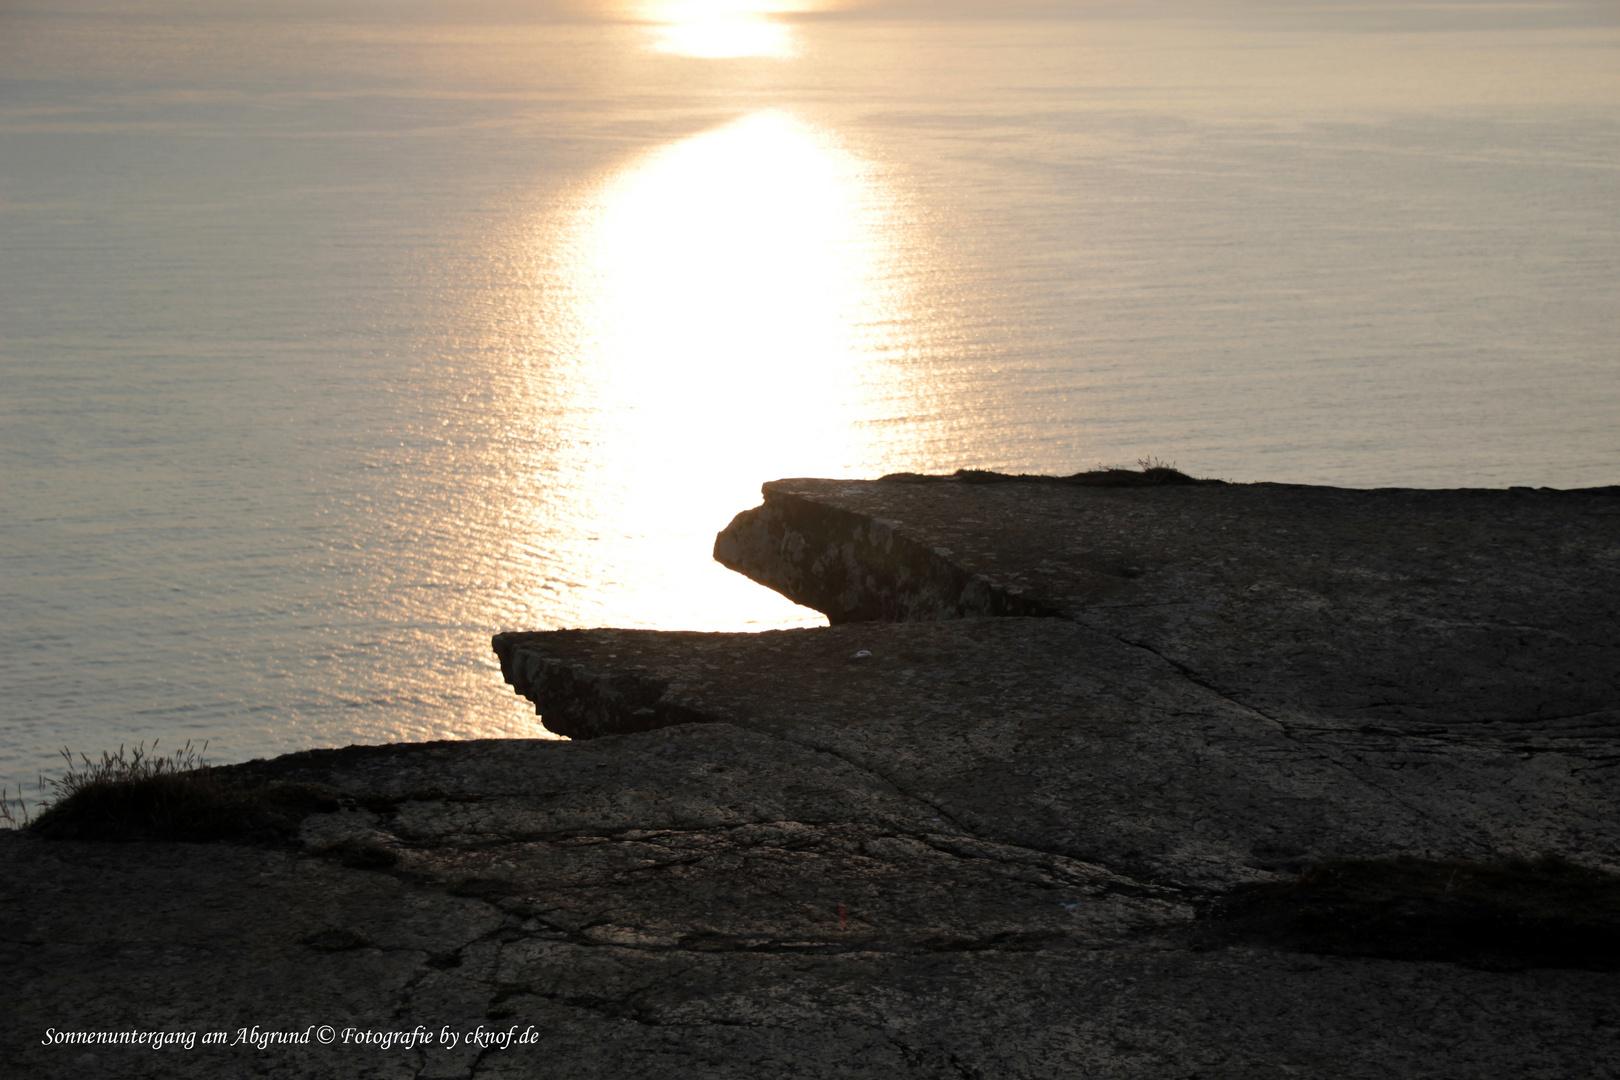 Sonnenuntergang am Abgrund